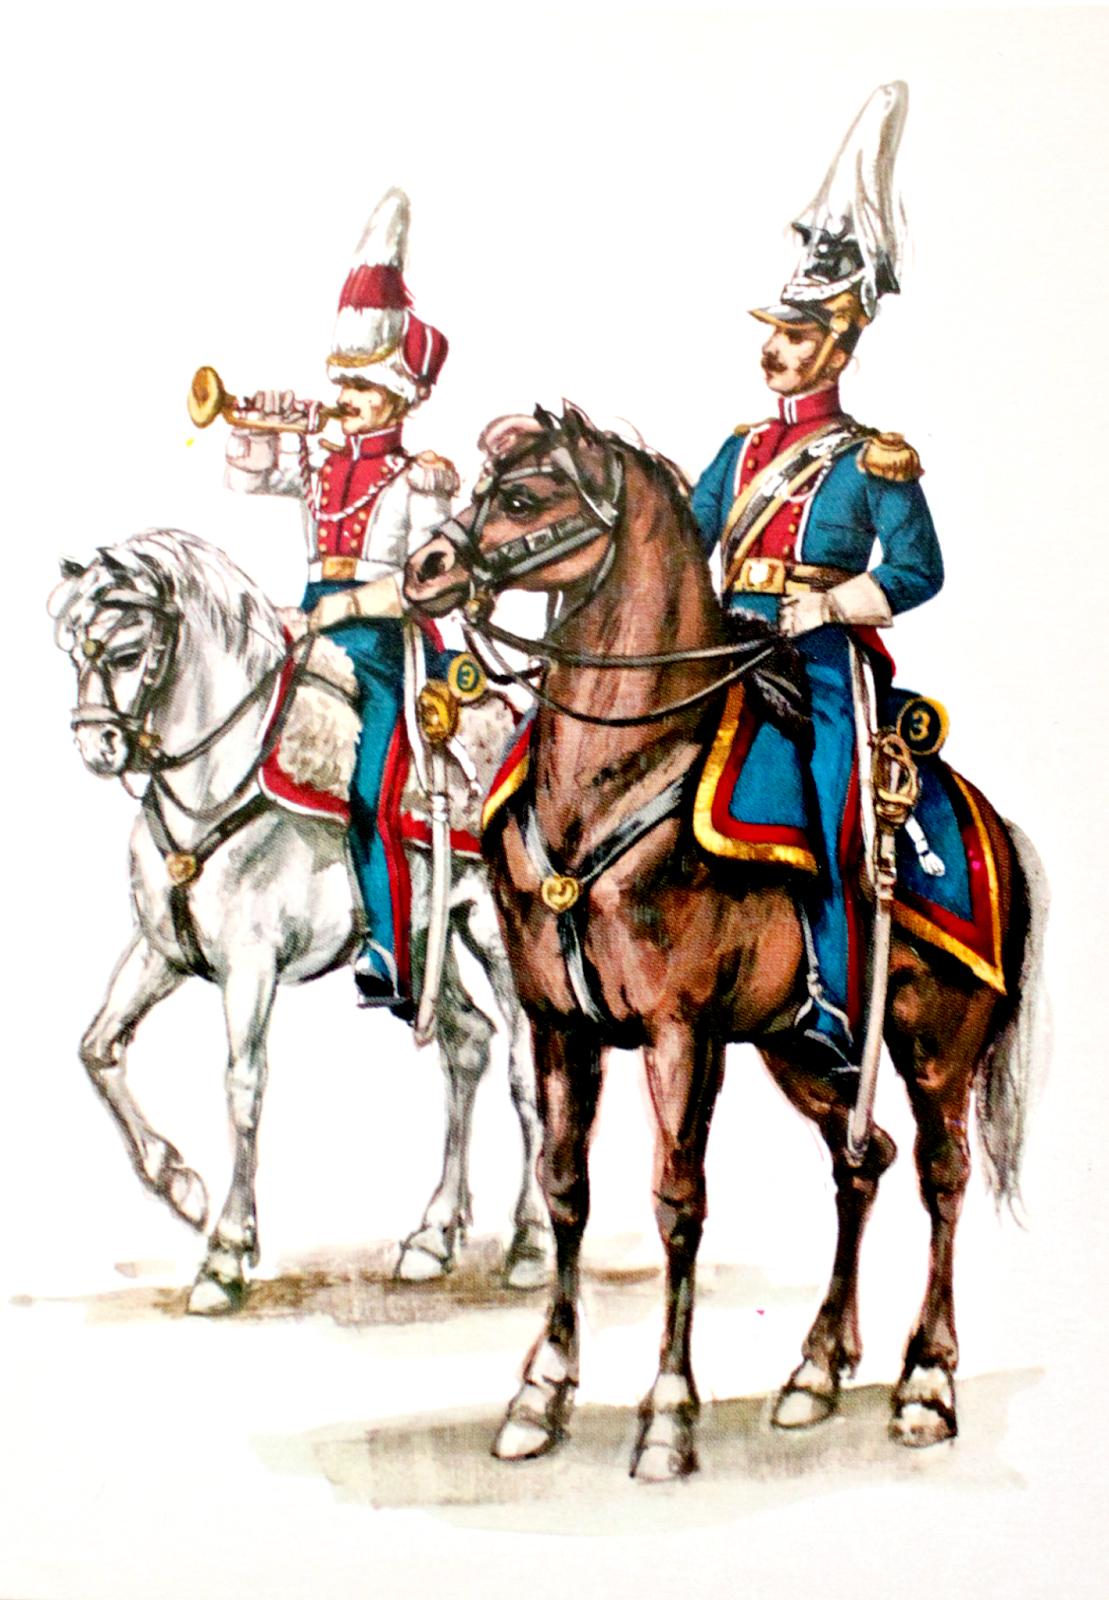 3 Pułk Ułanów Księstwa Warszawskiego